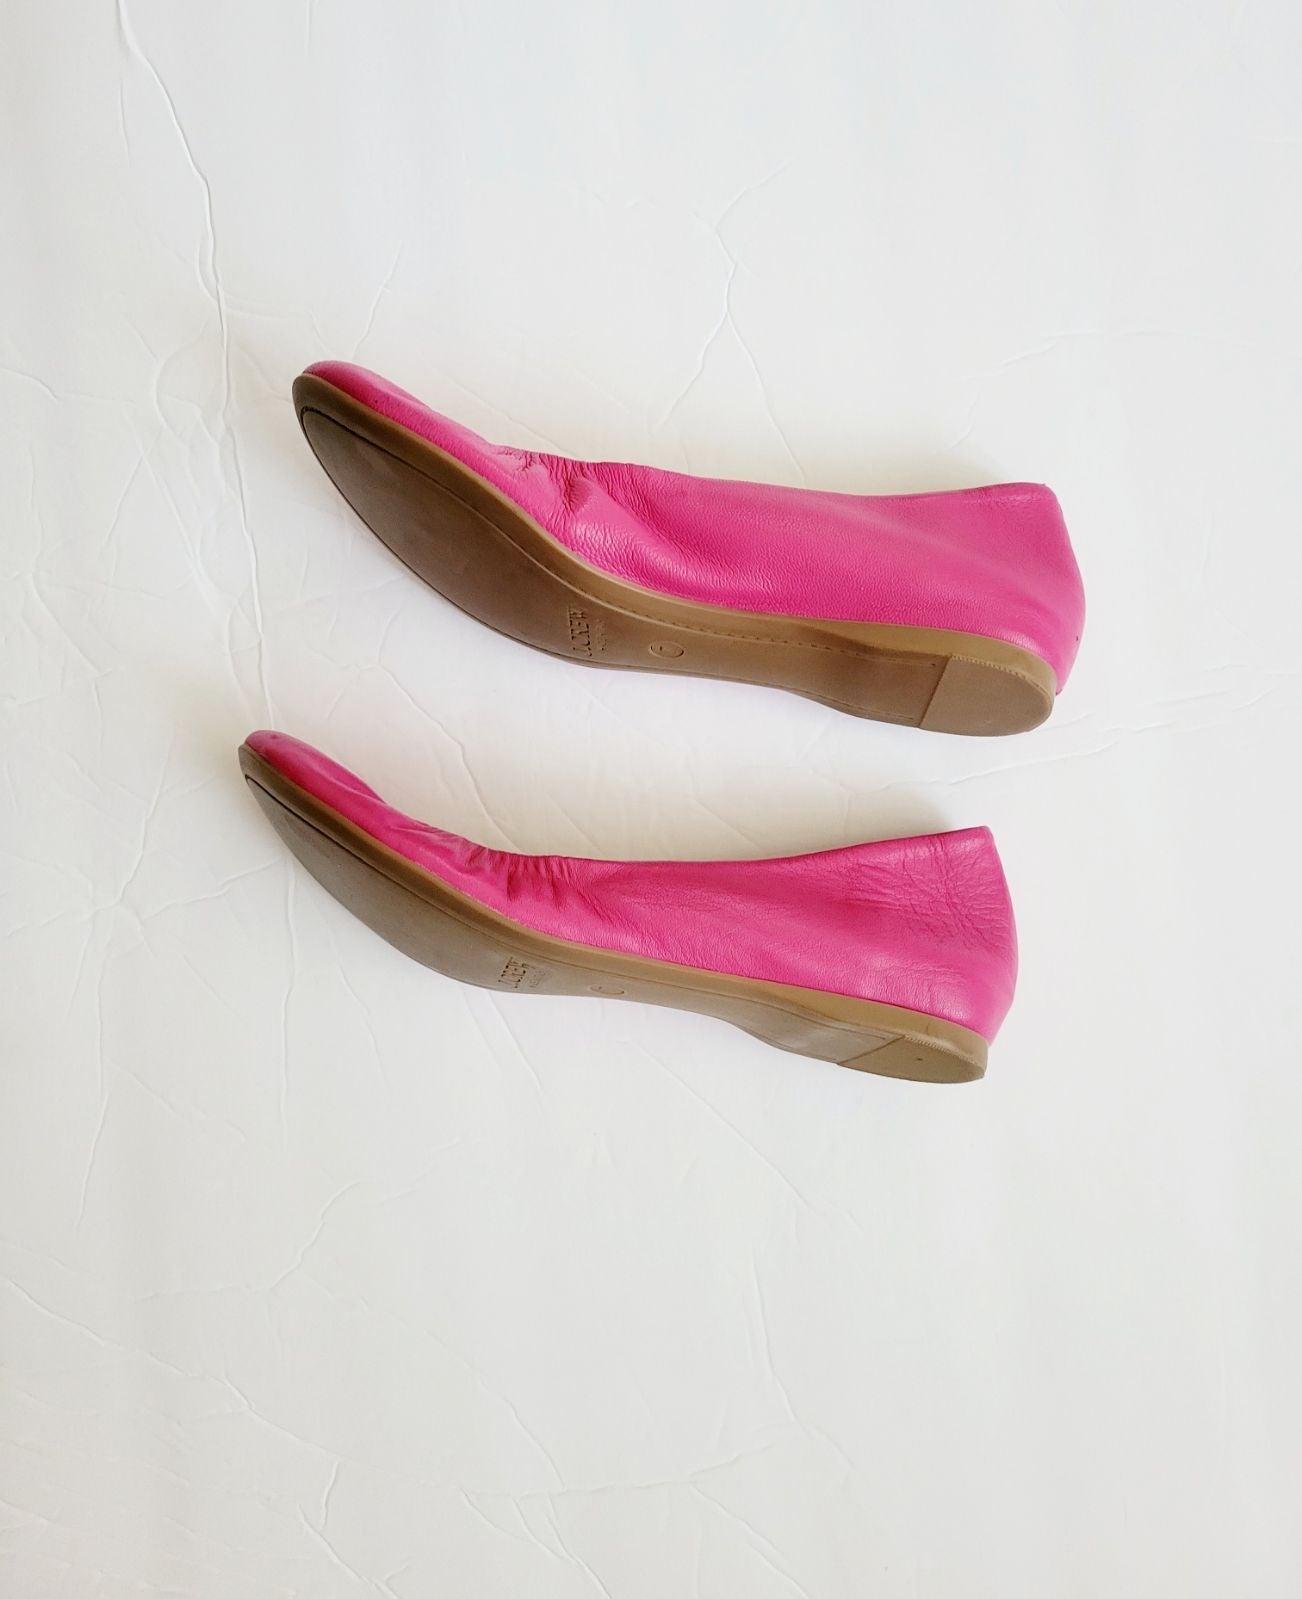 J.crew cece flat shoes women's